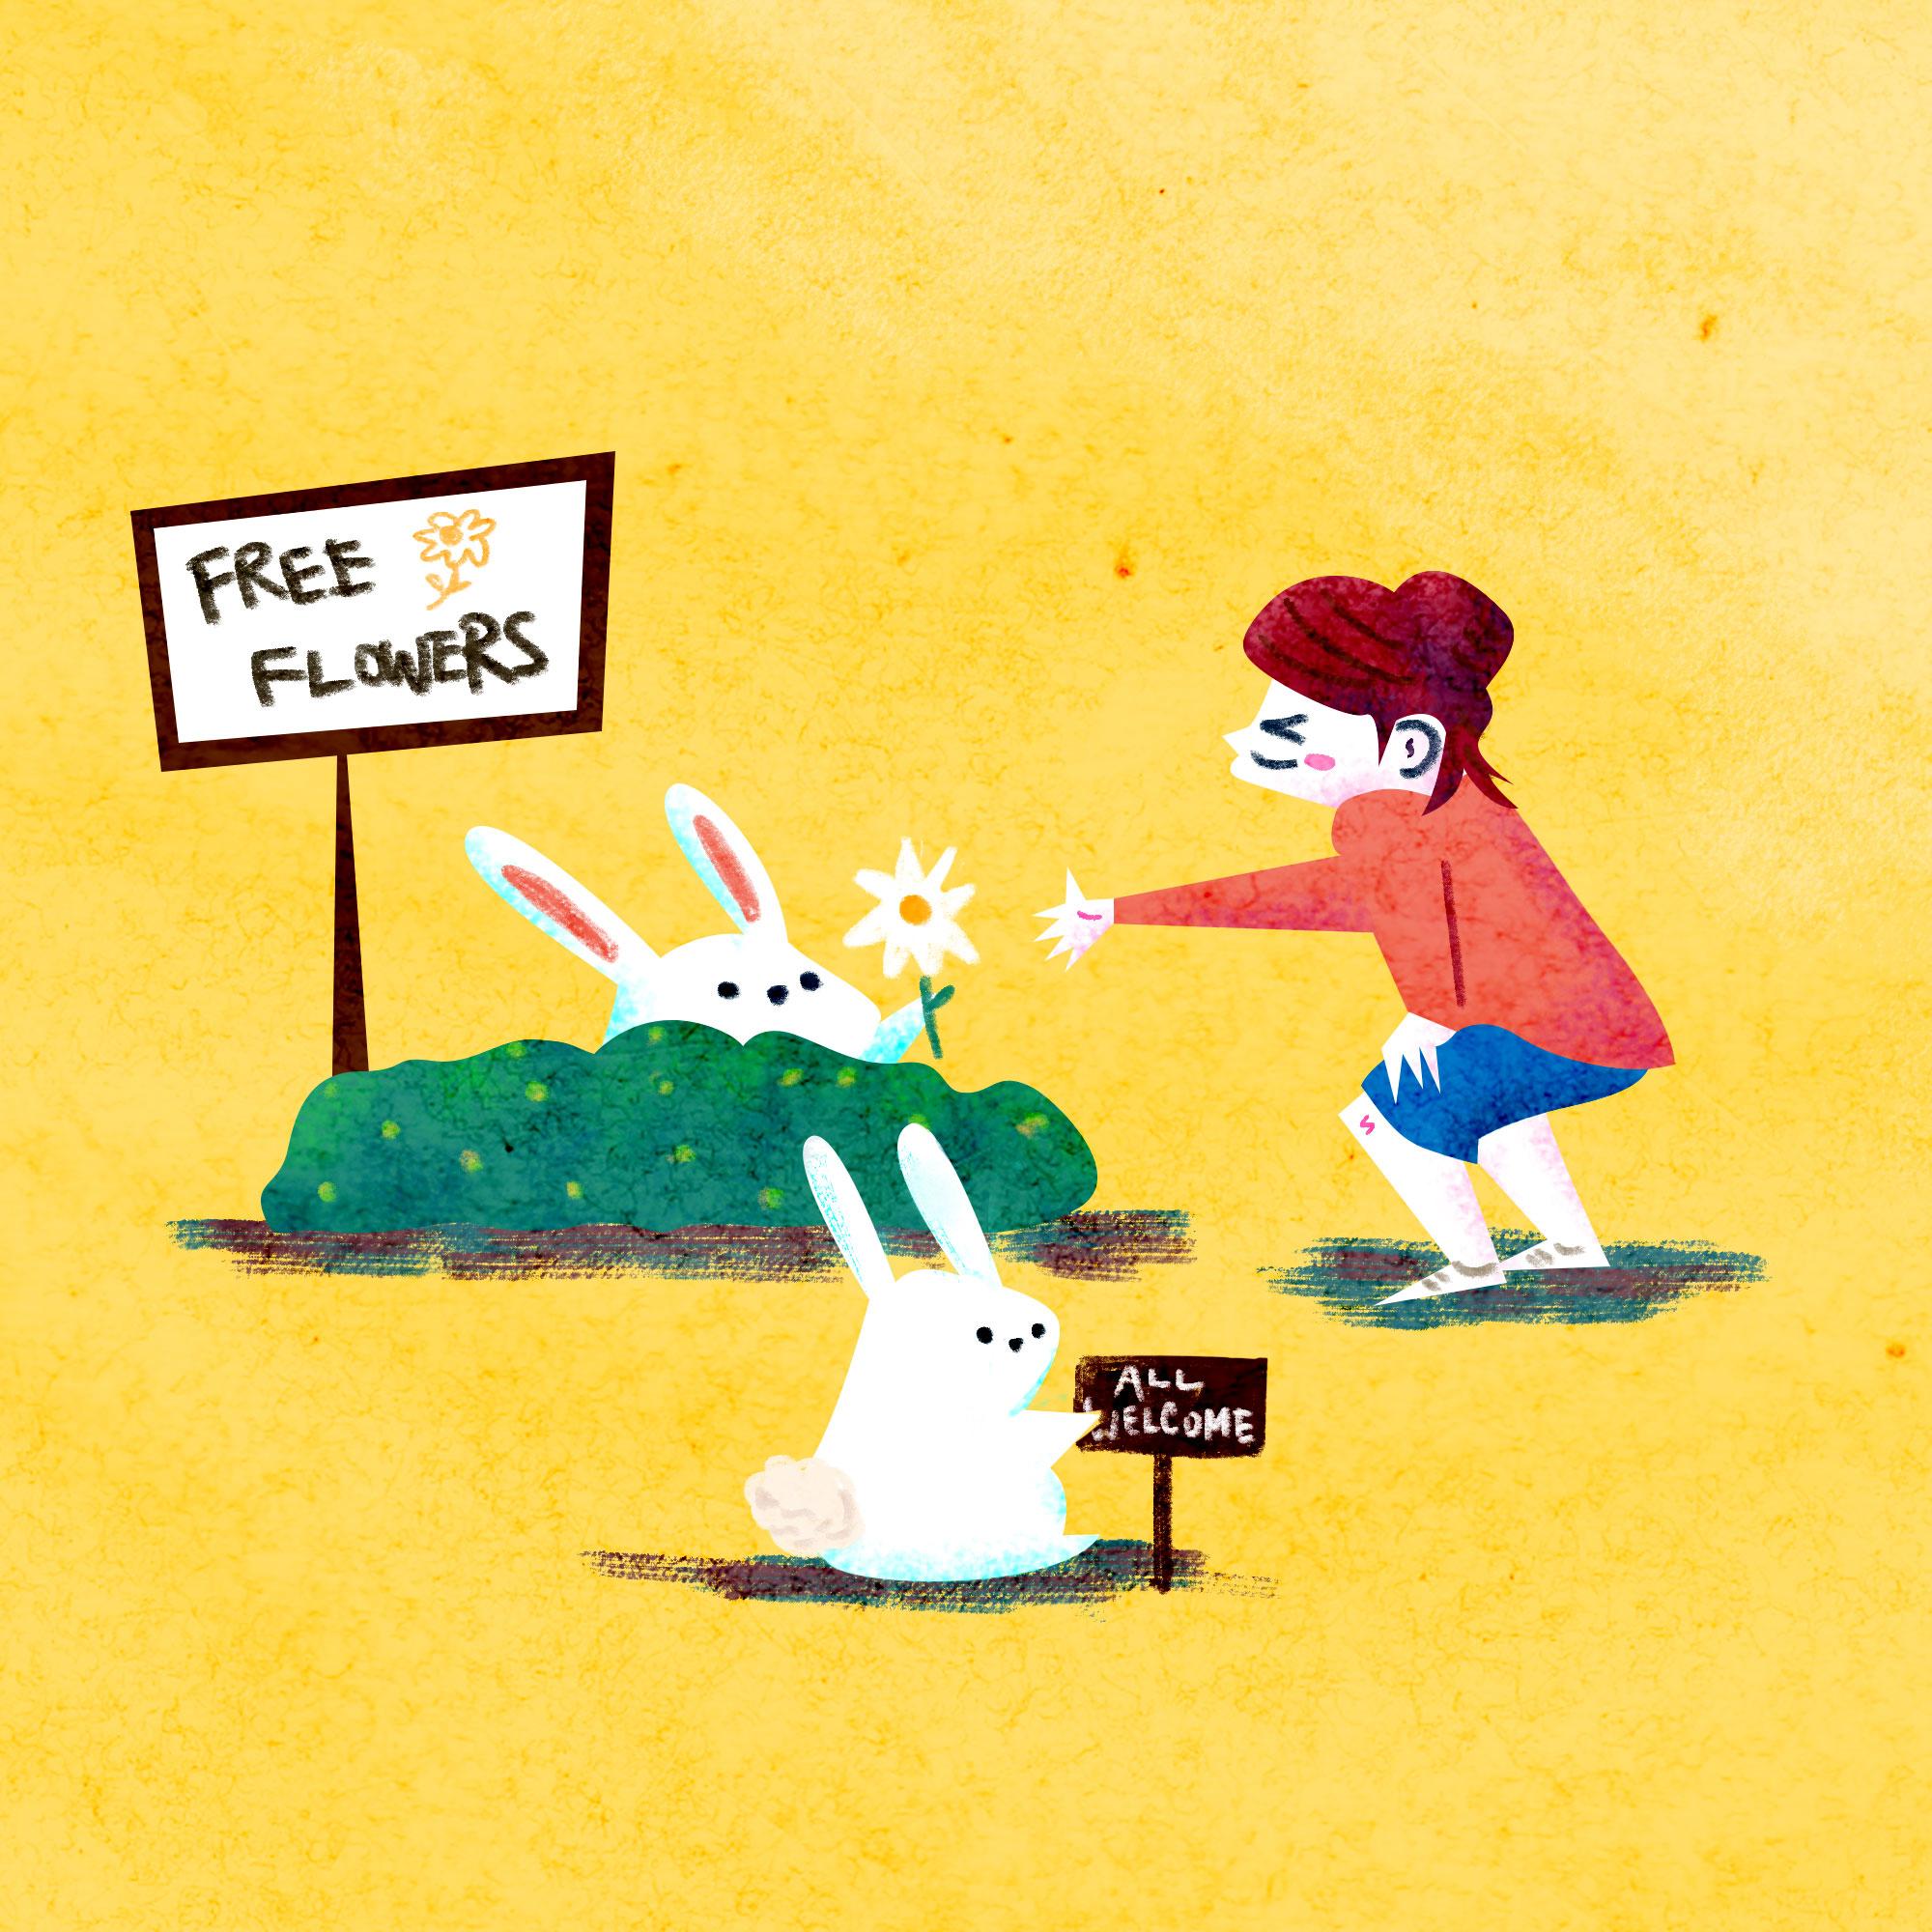 FreeFlowers.jpg